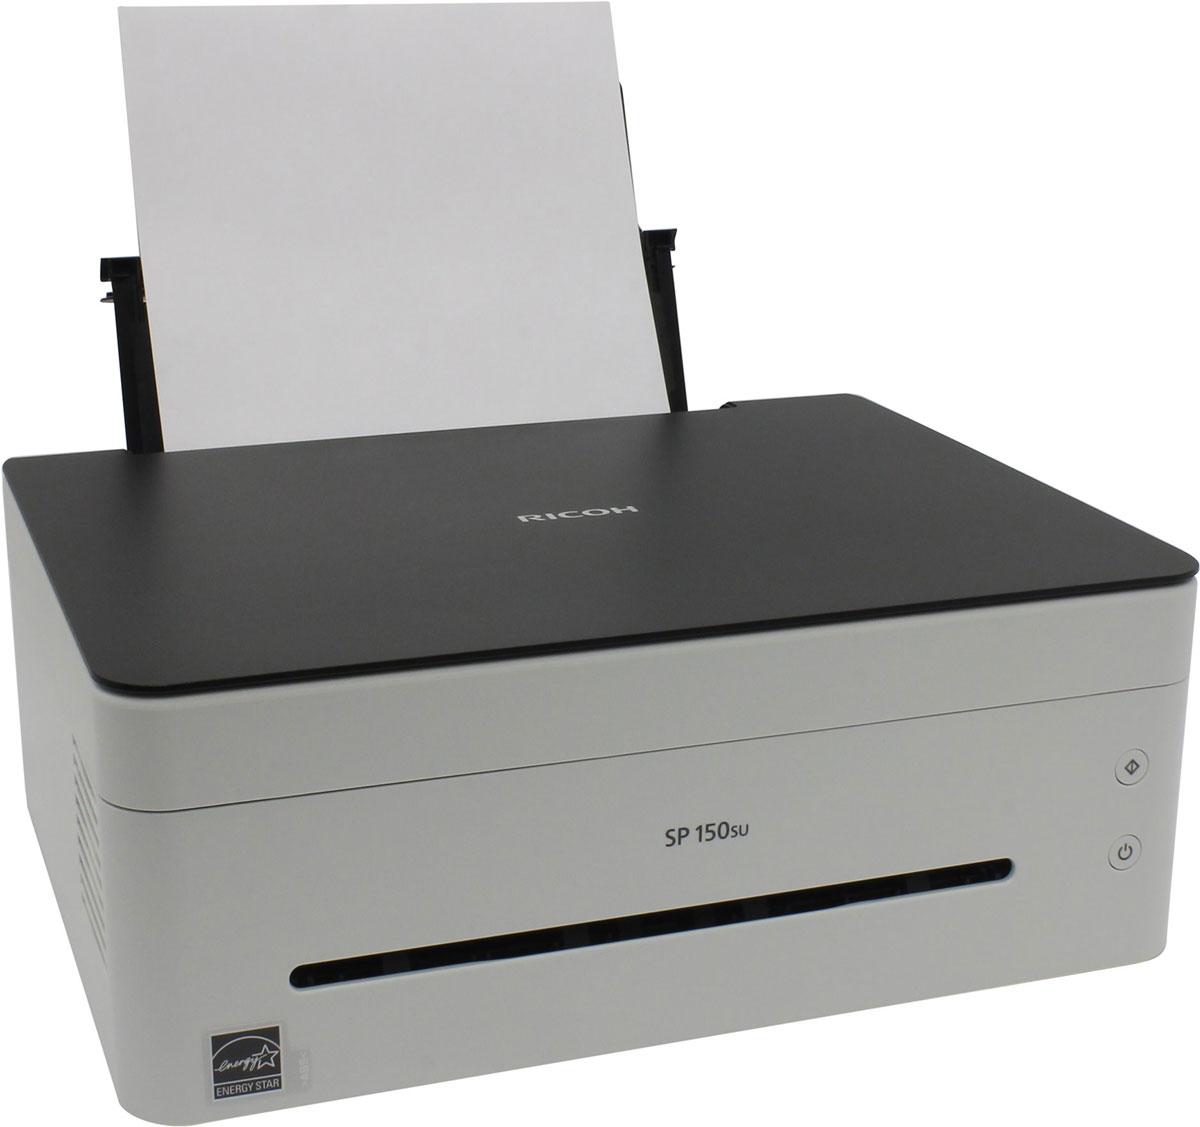 Ricoh SP 150SU МФУ408003МФУ Ricoh SP 150SU сочетает в себе элегантный дизайн, интуитивно понятное управление и скорость печати 22 страницы в минуту. Простота установки драйвера с автозапуском виртуальной панели управления позволяет начать работу практически сразу. Функции принтера, копира и цветного сканера обеспечат всю работу с документами как в небольшом офисе, так и дома. Простота, удобство, функциональность, скорость, качество и надежность — все это в компактном корпусе на вашем столе. Функции печати, копирования и сканирования в одном элегантном корпусе, который занимает минимум места на рабочем столе. Виртуальная панель управления с ПК обеспечивает удобную интуитивно понятную работу. Картридж все в одном можно заменить буквально одним движением. Все быстро, просто и надежно.